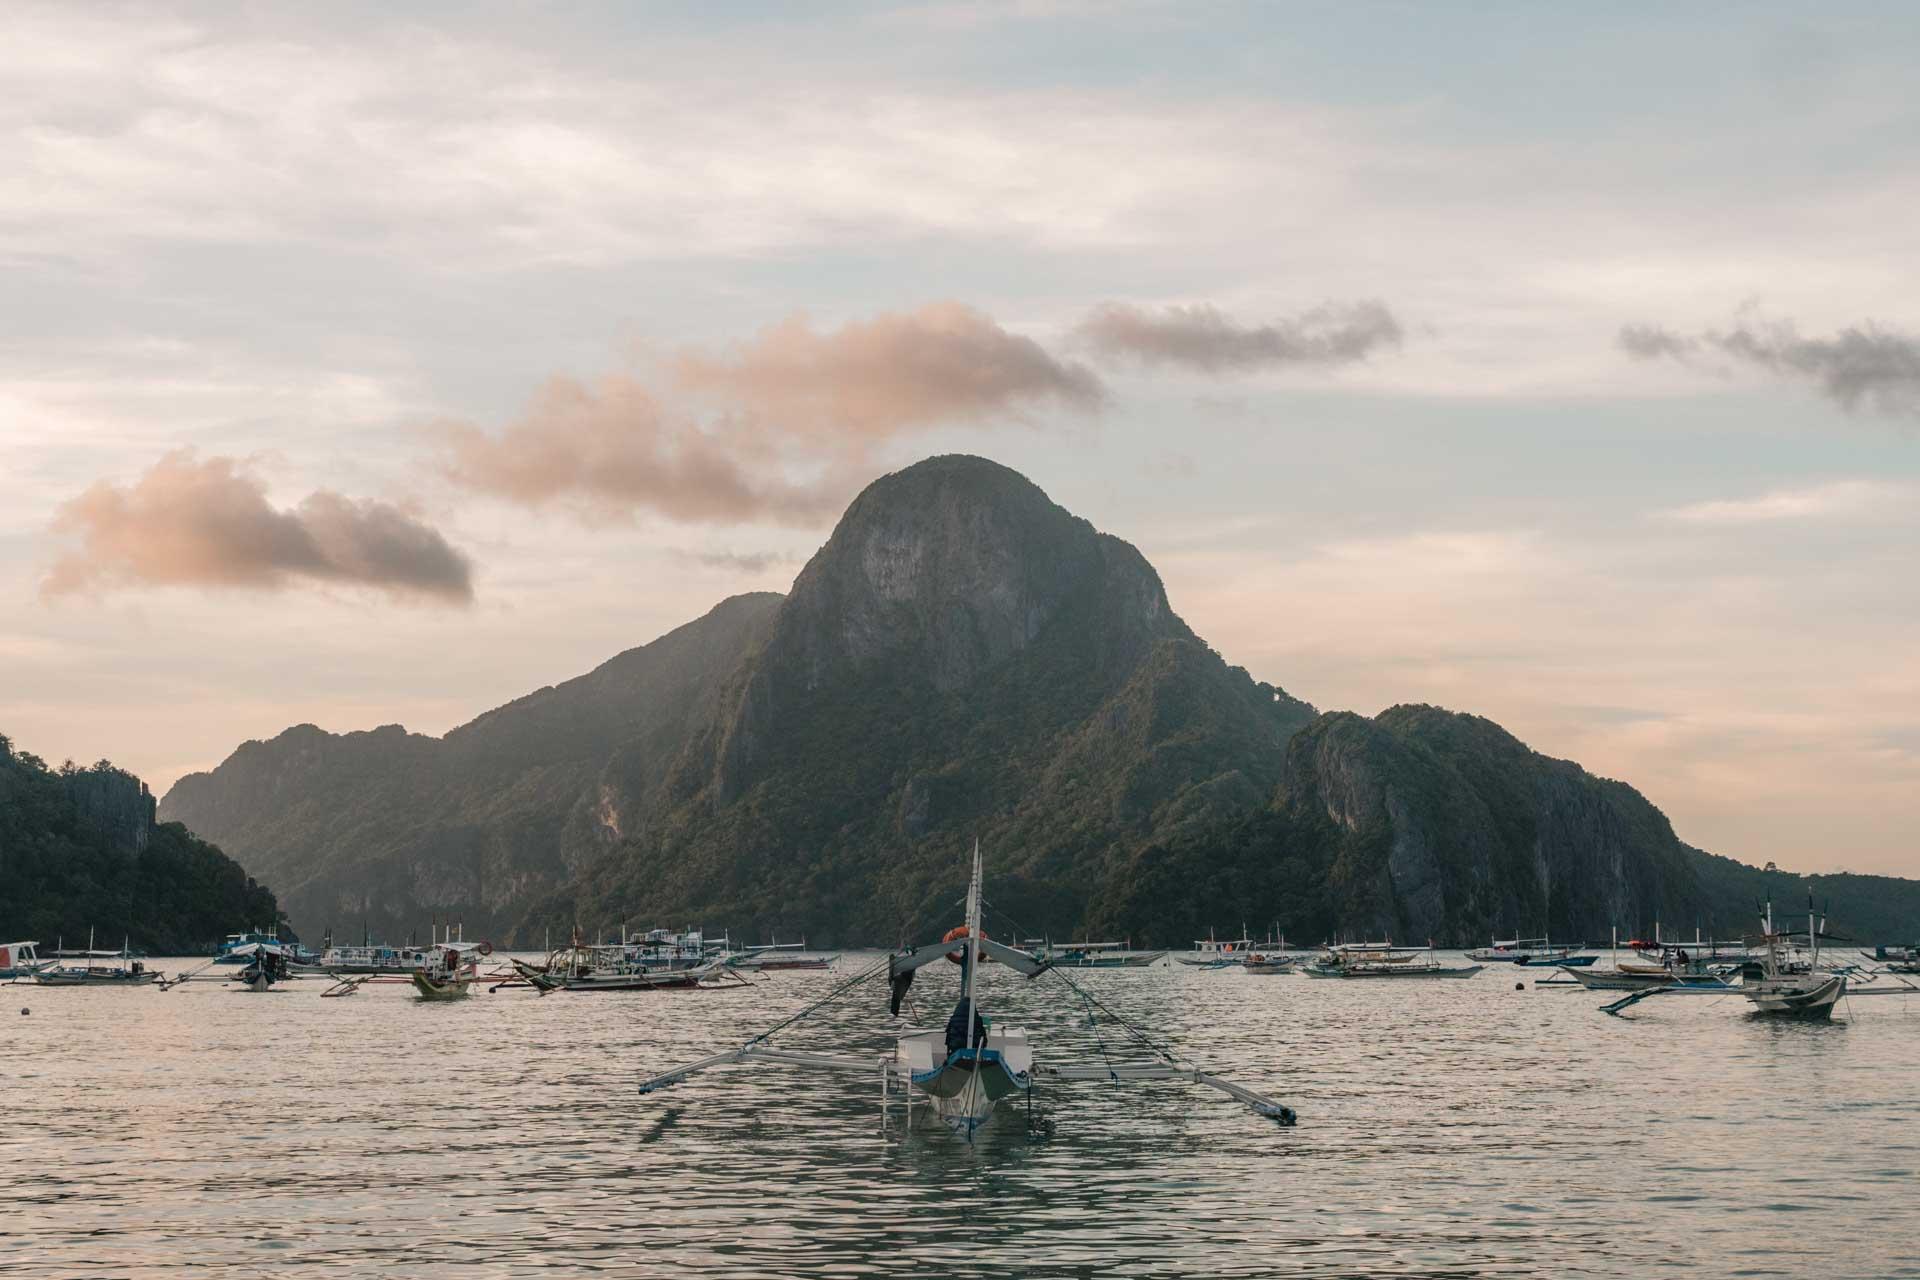 Boat in El Nido Bay